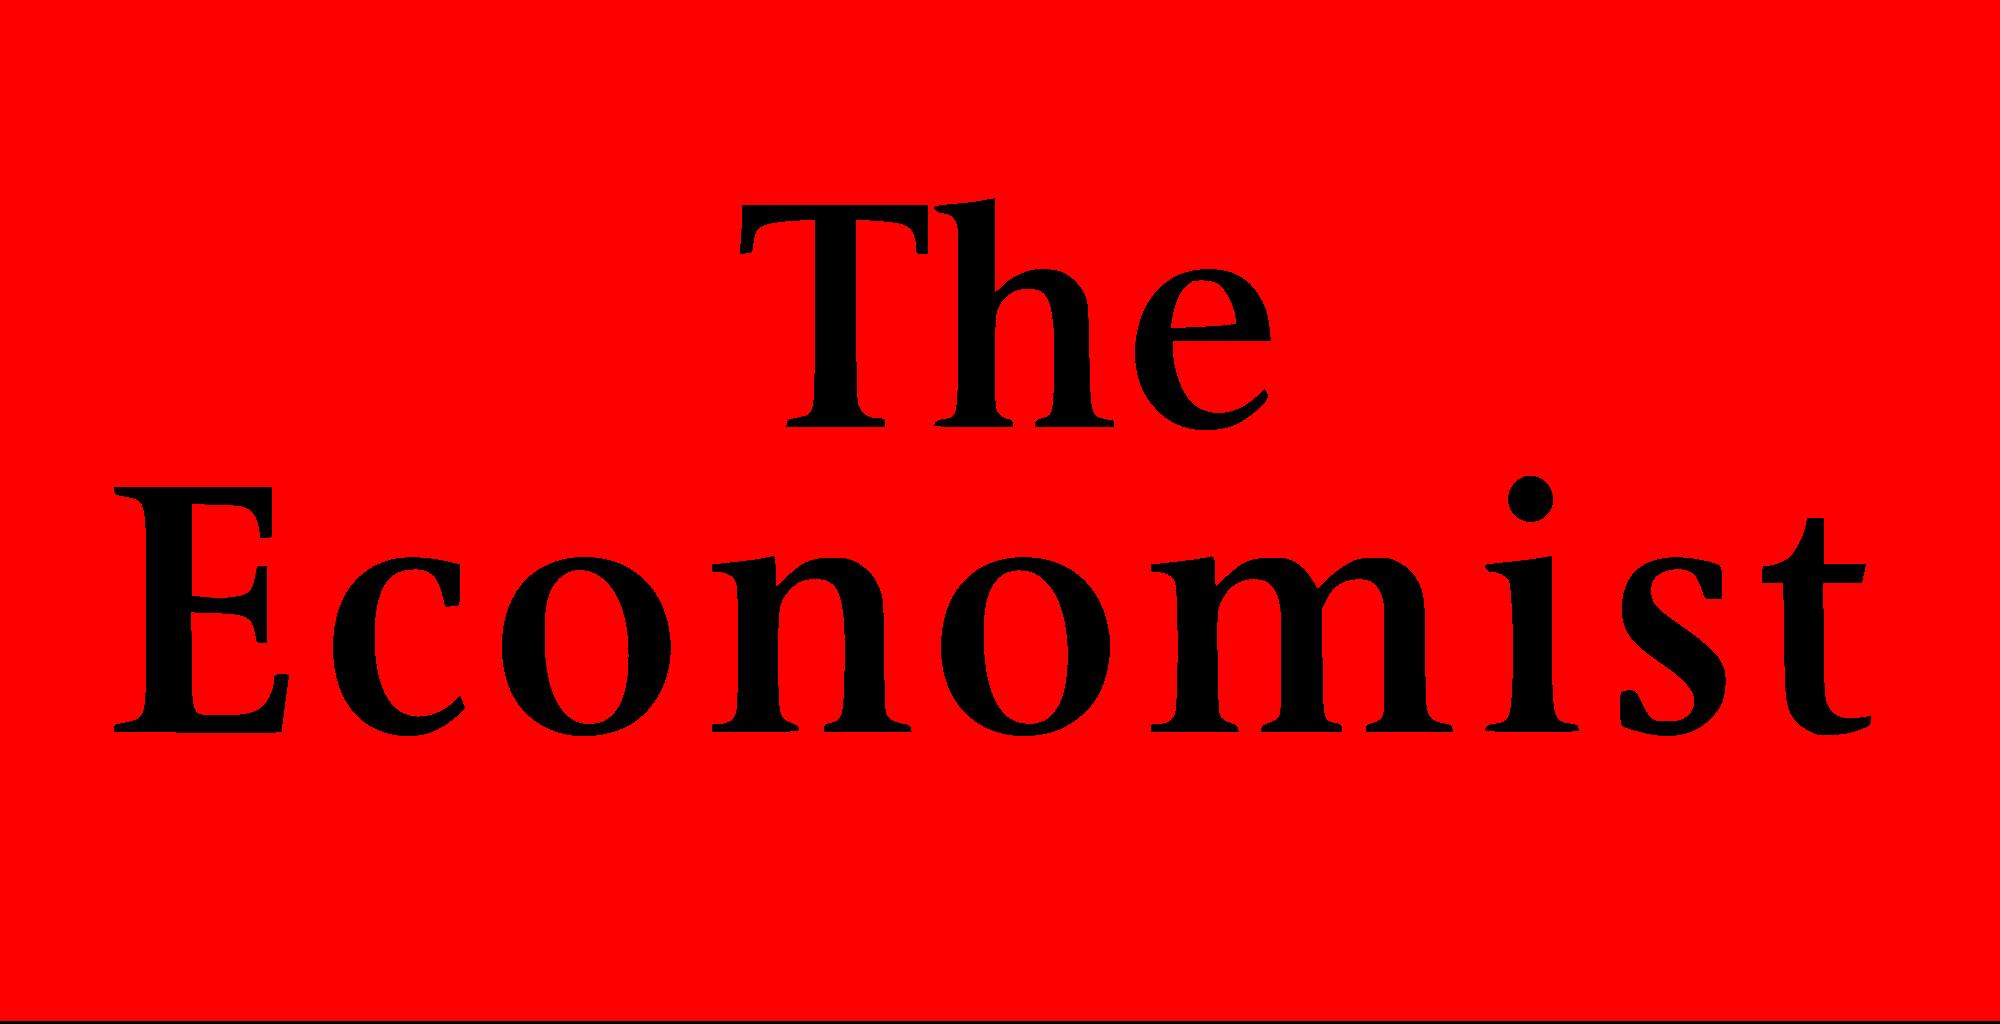 The_Economist_Logo-1